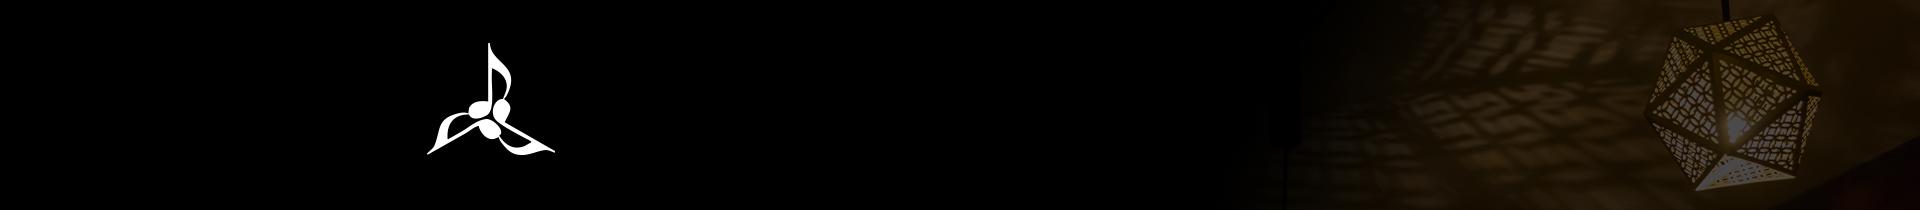 コンテンツタイトル下地